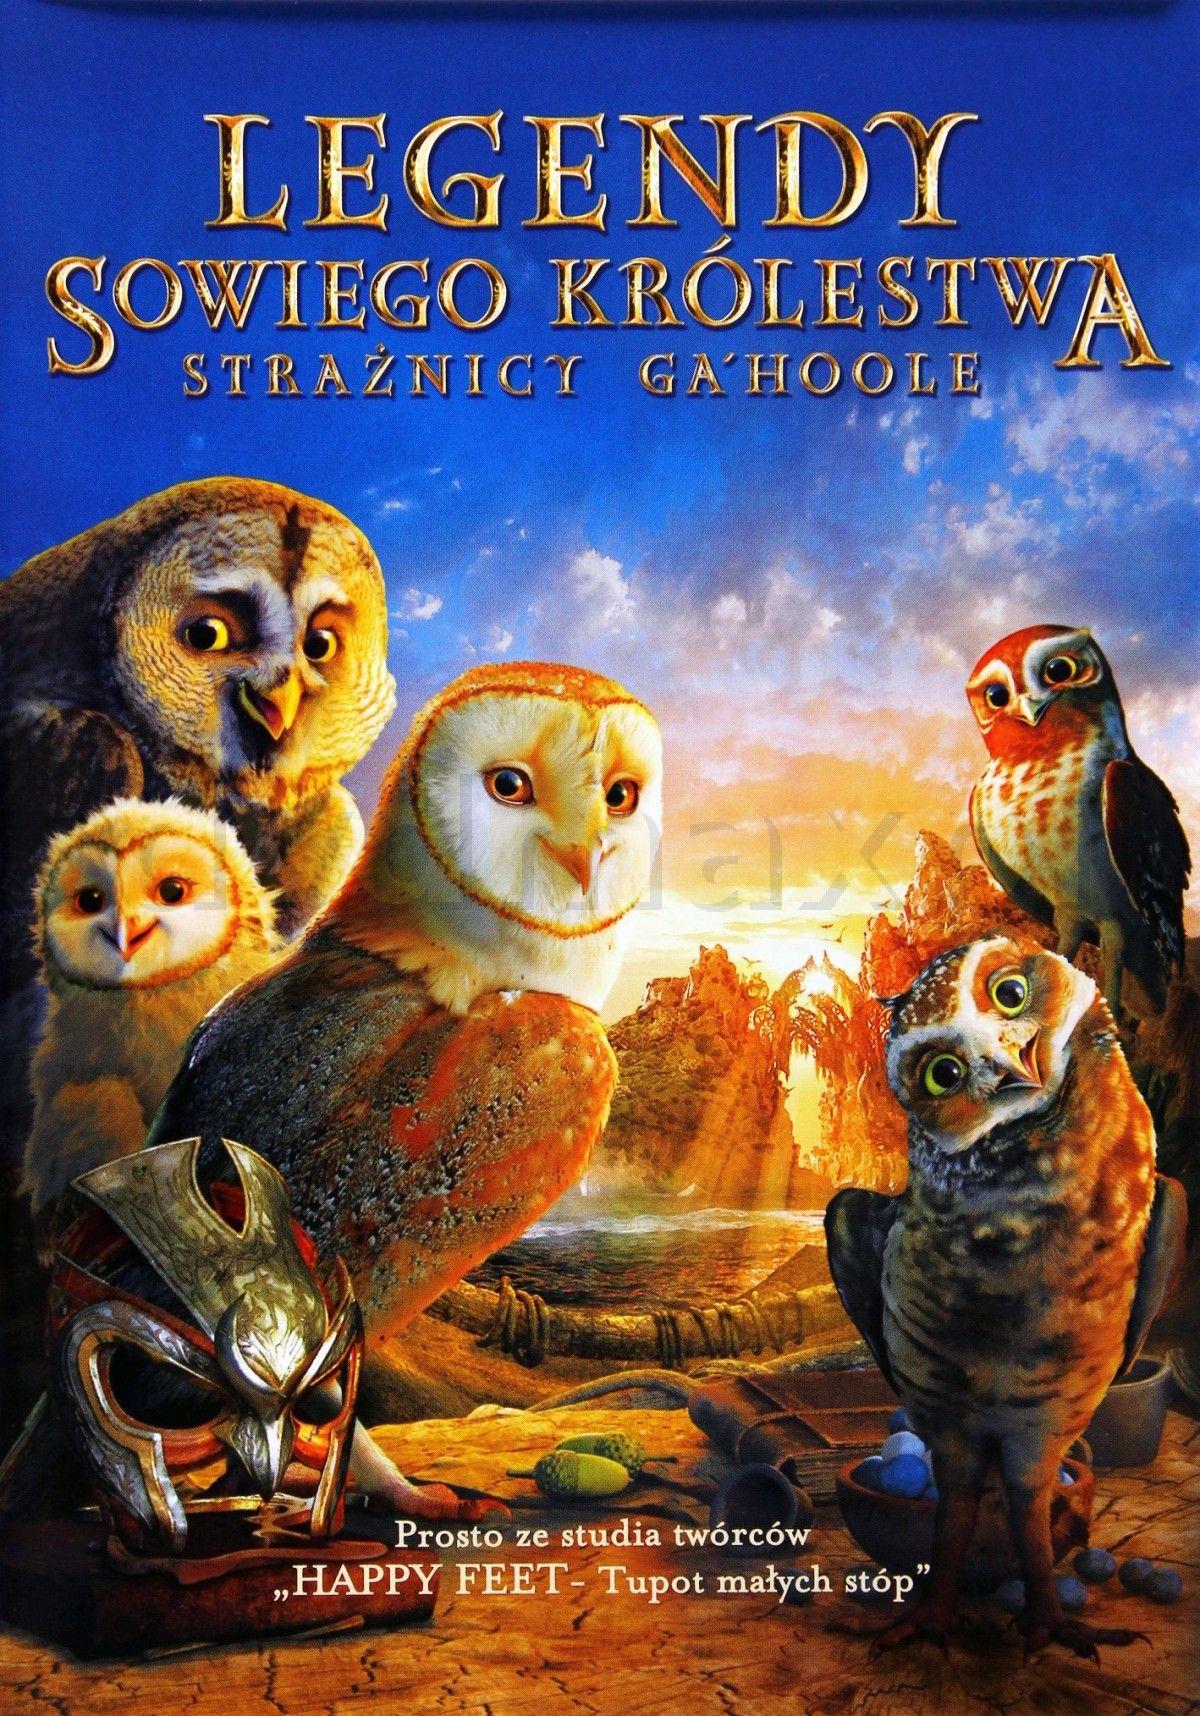 Ponad 700 tytułów za 5 zł bajek, filmów i muzyki DVD na dvdmax.pl